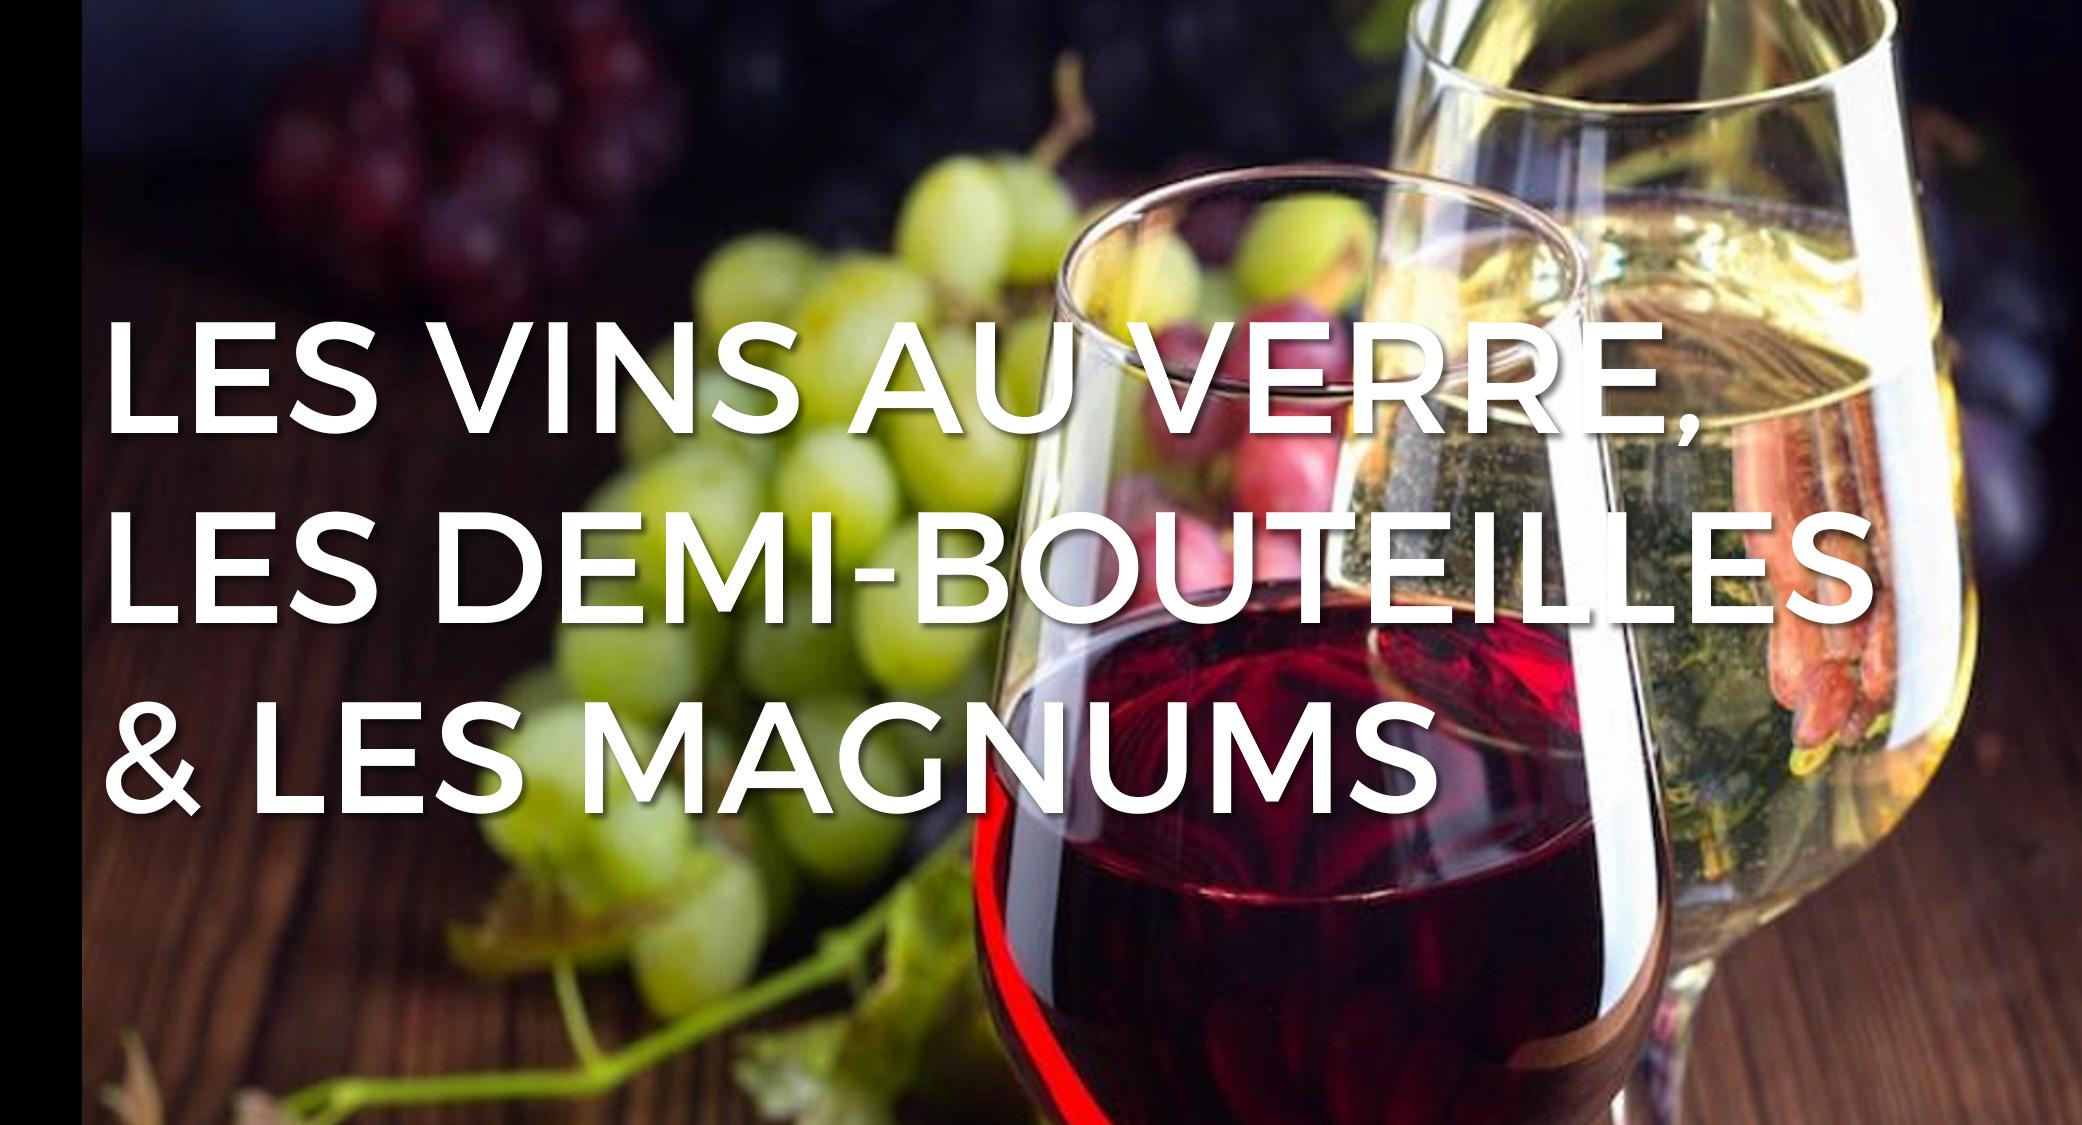 vins-au-verre-demi-bouteille-magnums-criture1